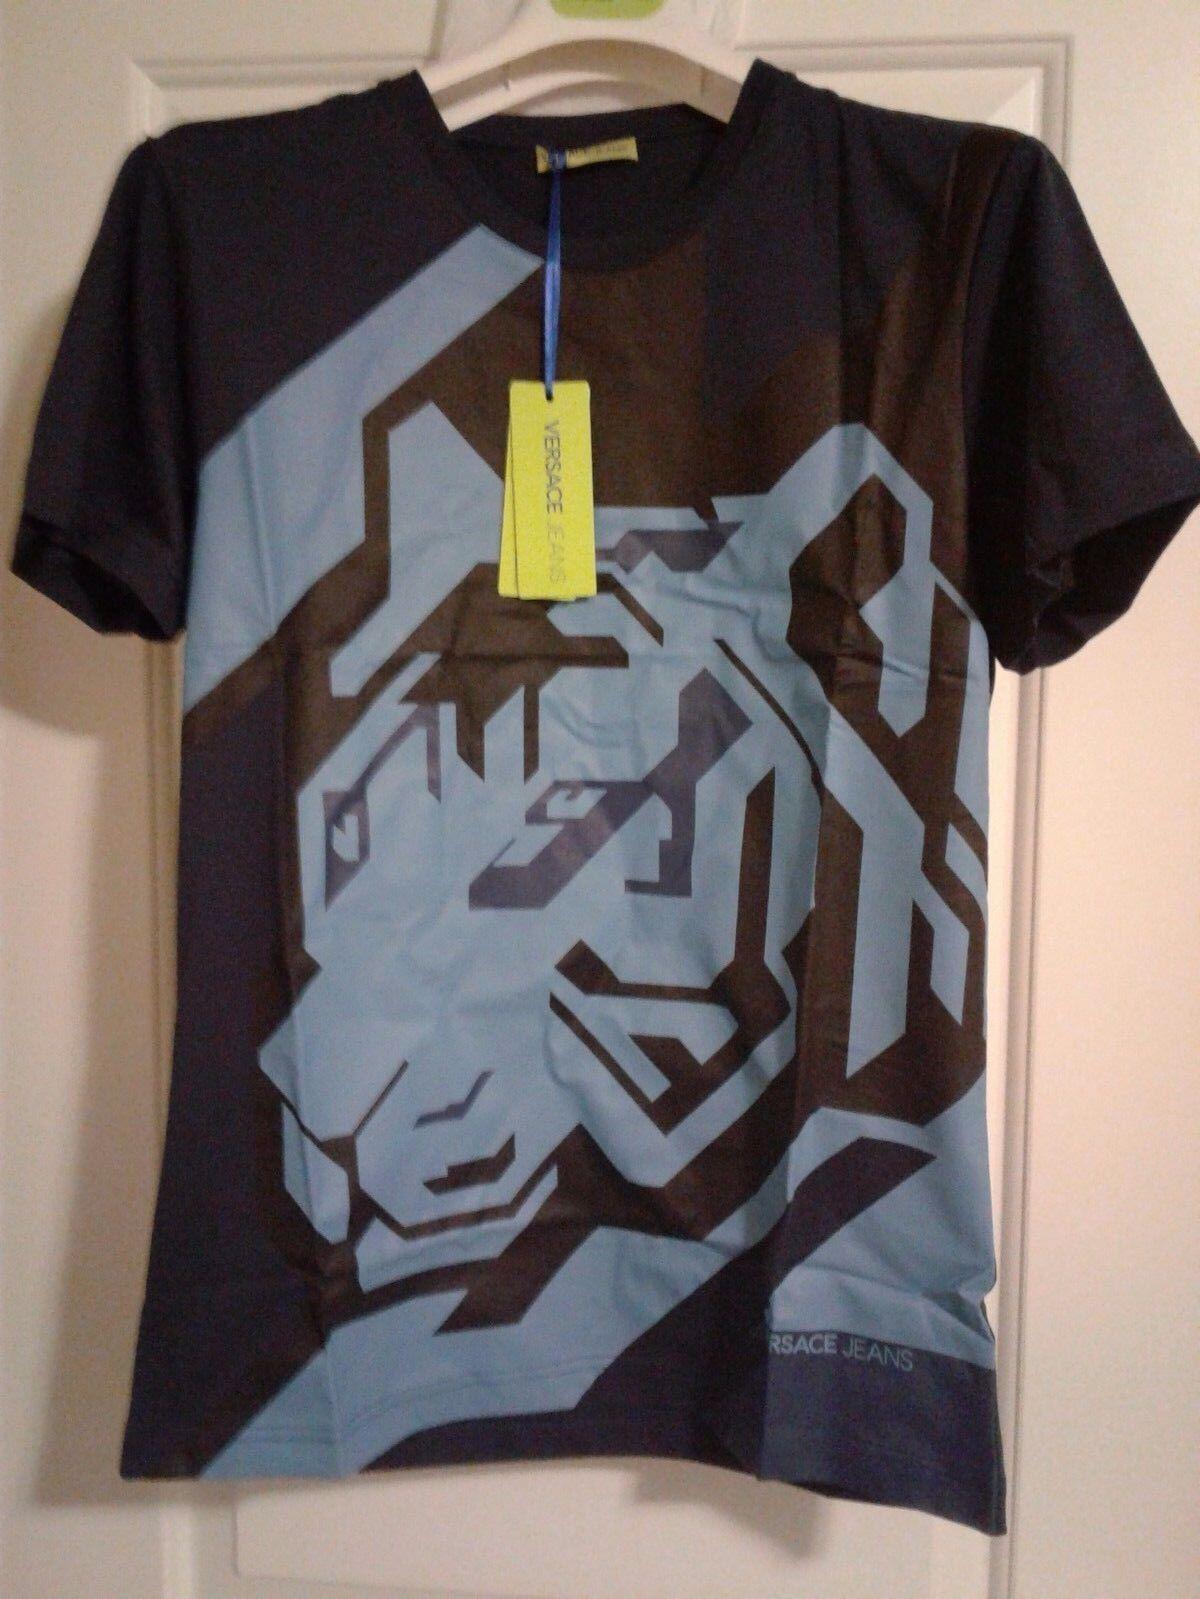 Authentic 3 D Versace Jeans  Tshirt, size M